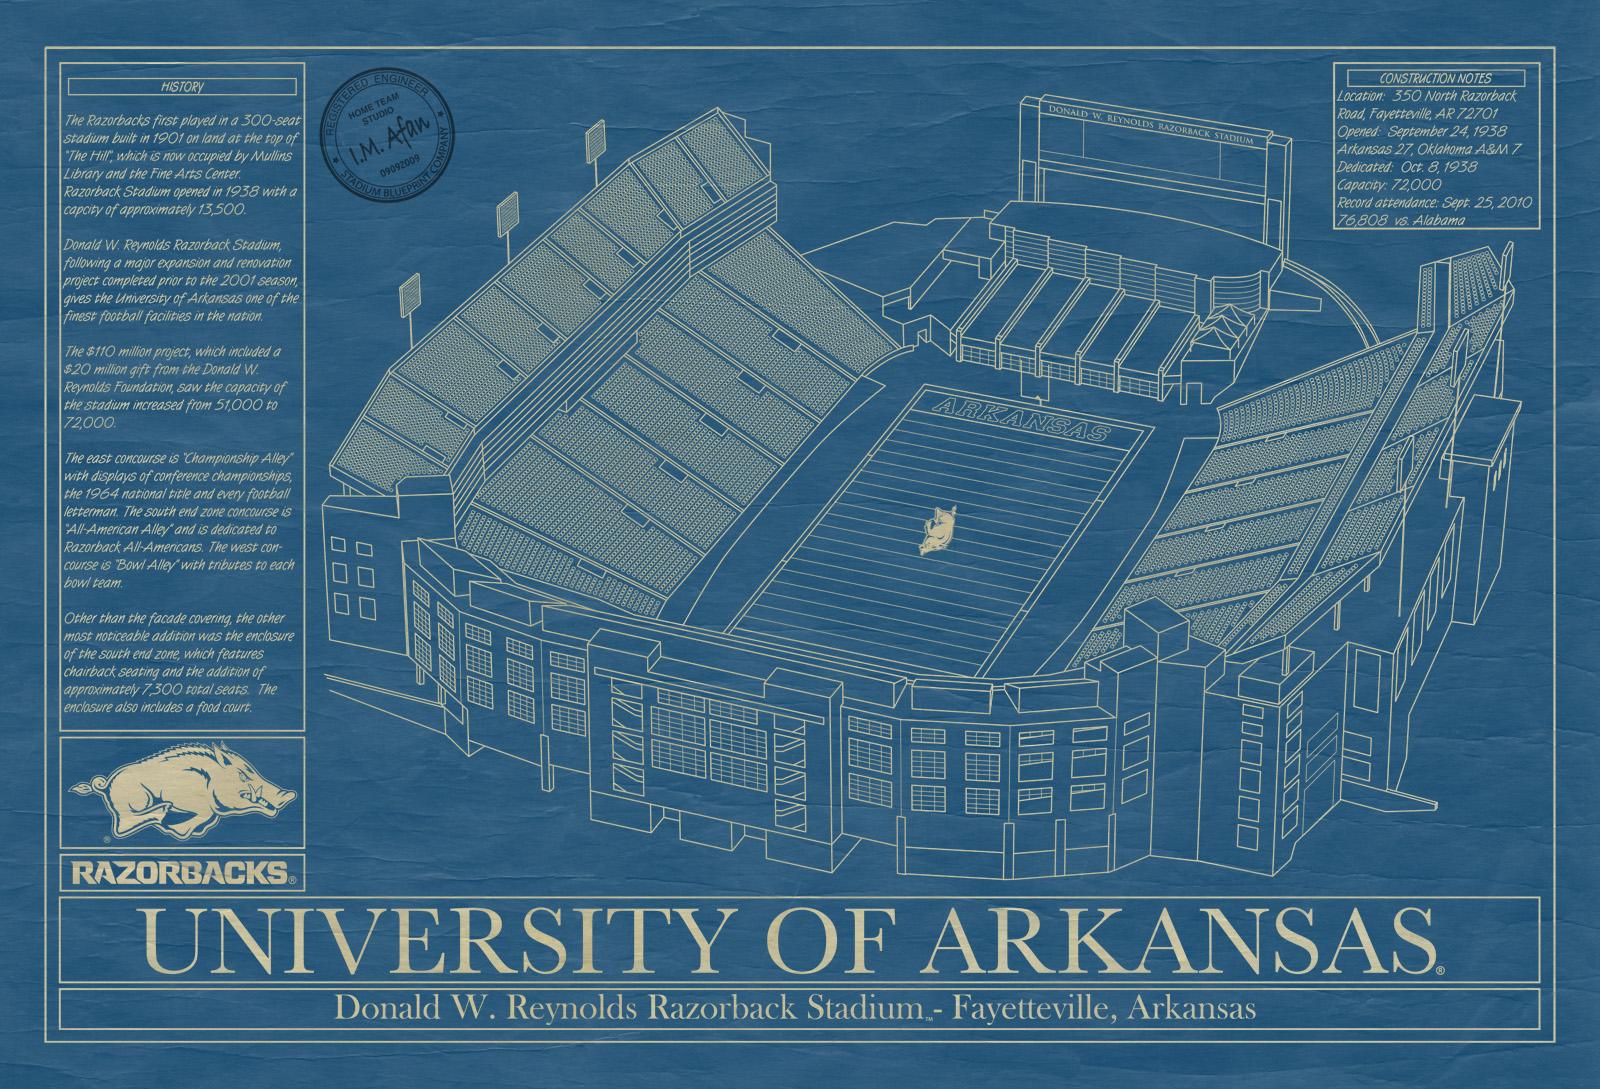 Arkansas razorback stadium blueprint art stadium for Arkansas blueprint